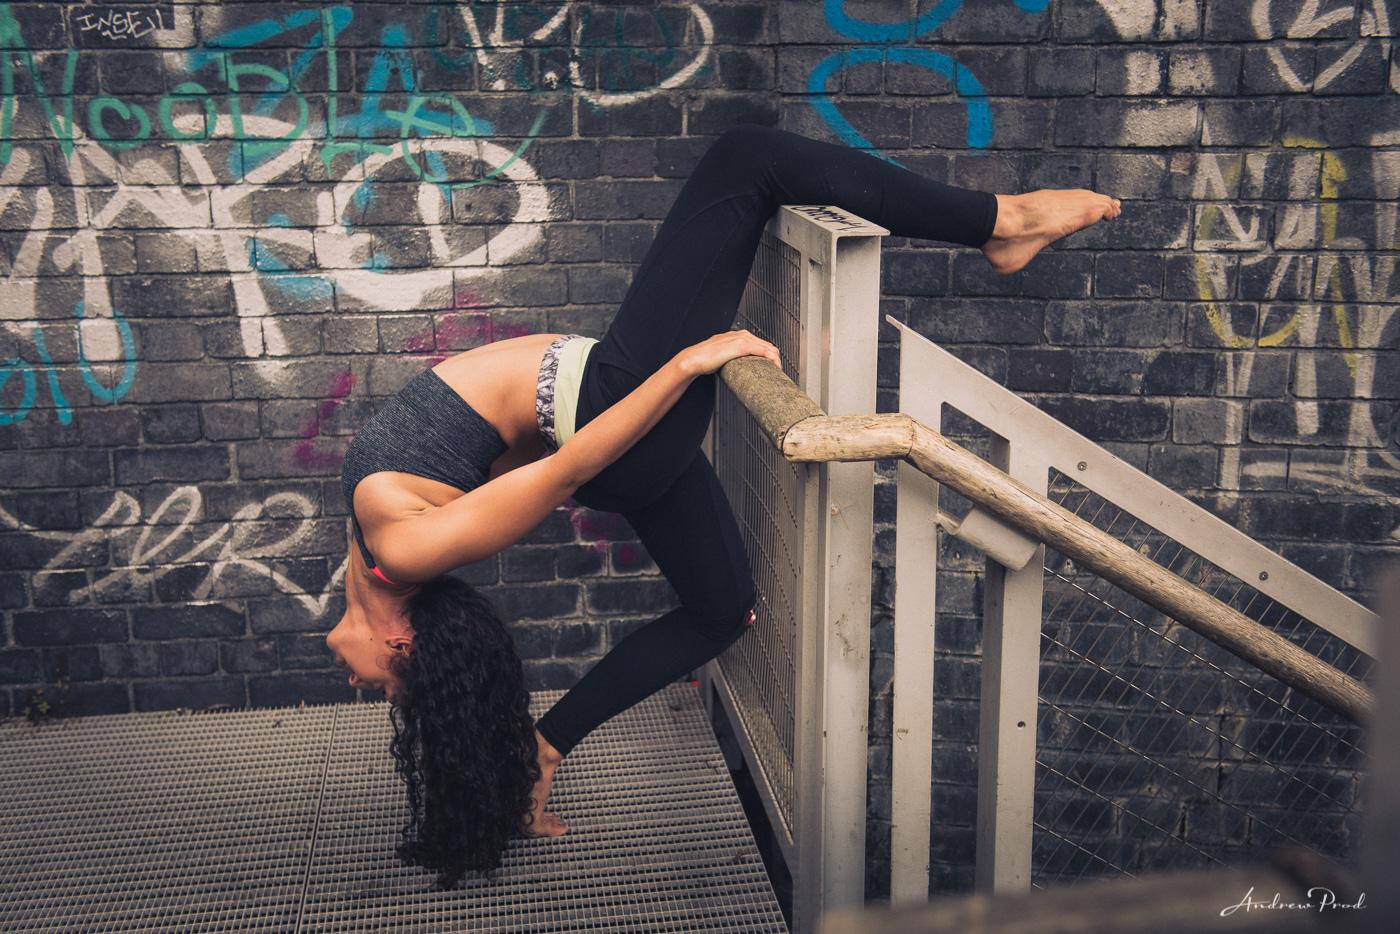 camden-town-yoga-photography-4